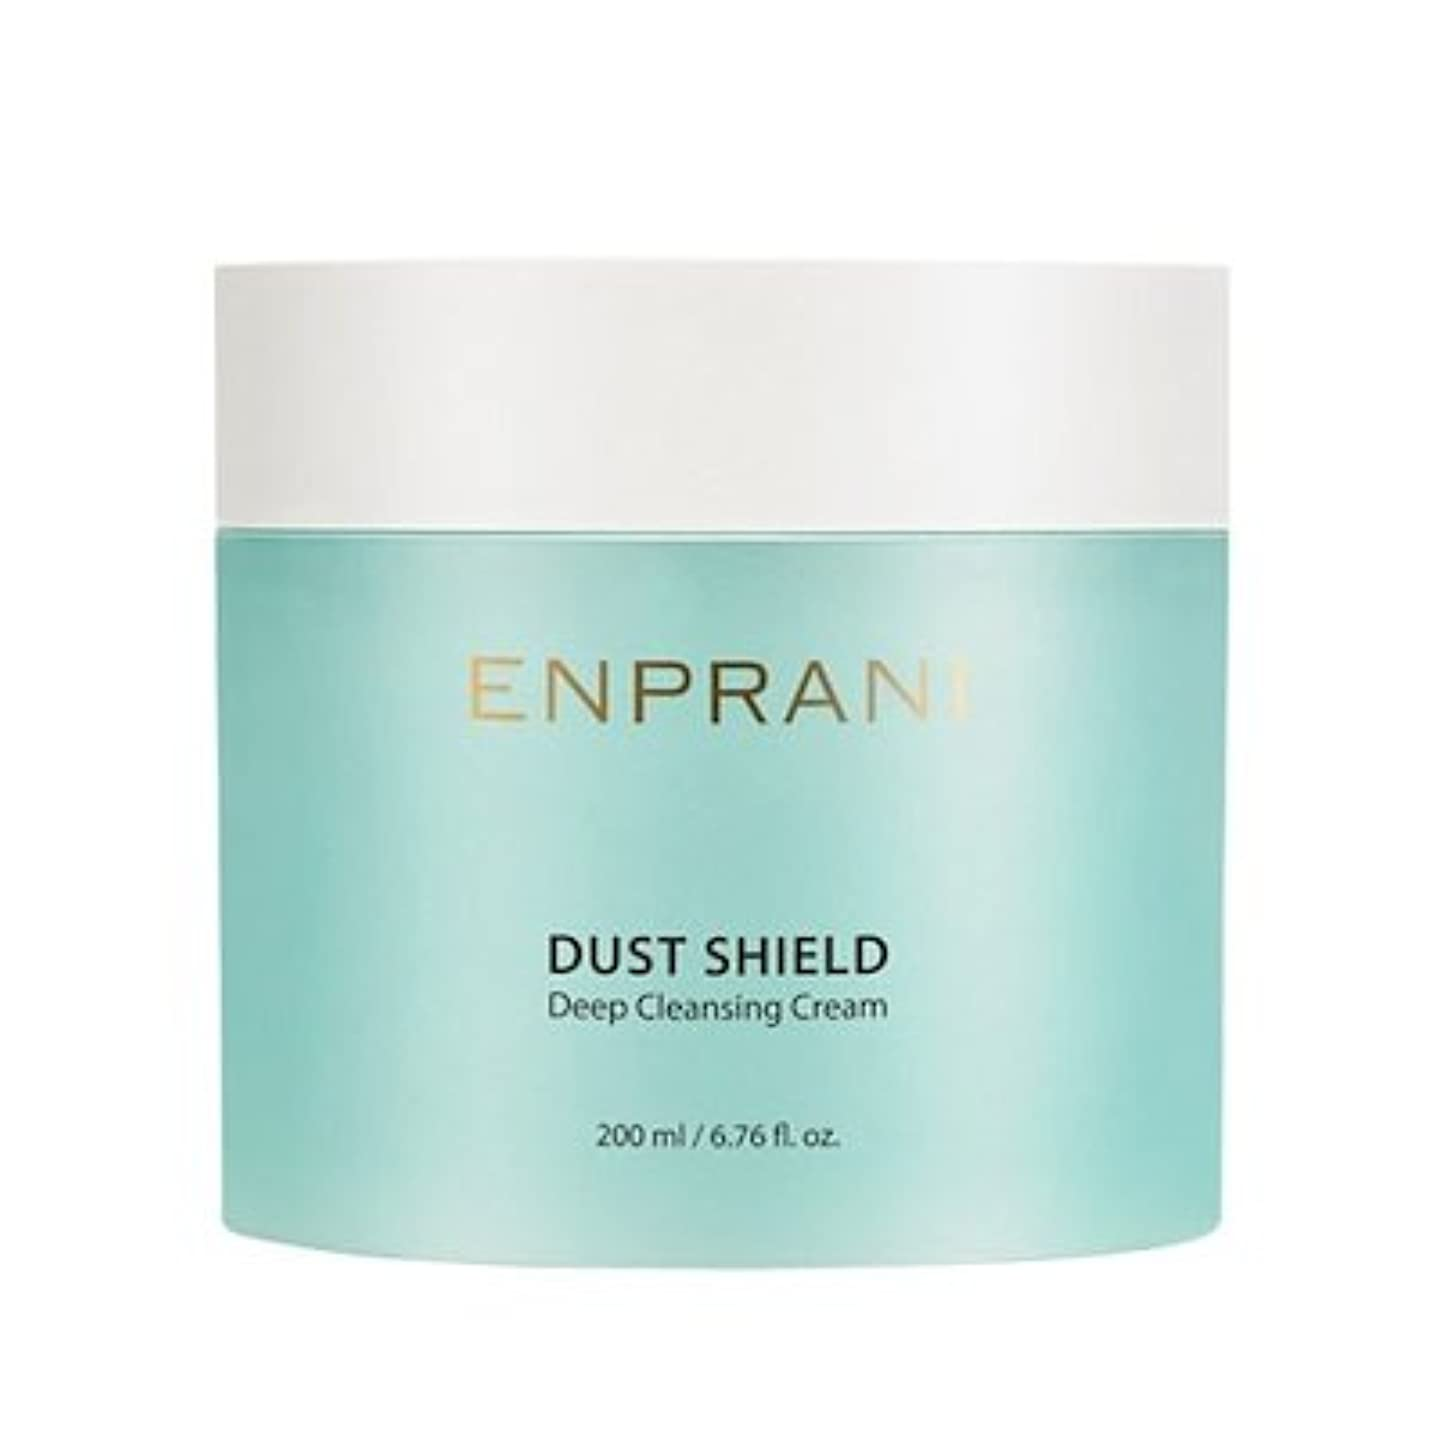 アフリカ人グラフ作家ENPRANI Dust Shield Deep Cleansing Cream エンプラニ ダストシールドディープクレンジングクリーム200ml [並行輸入品]